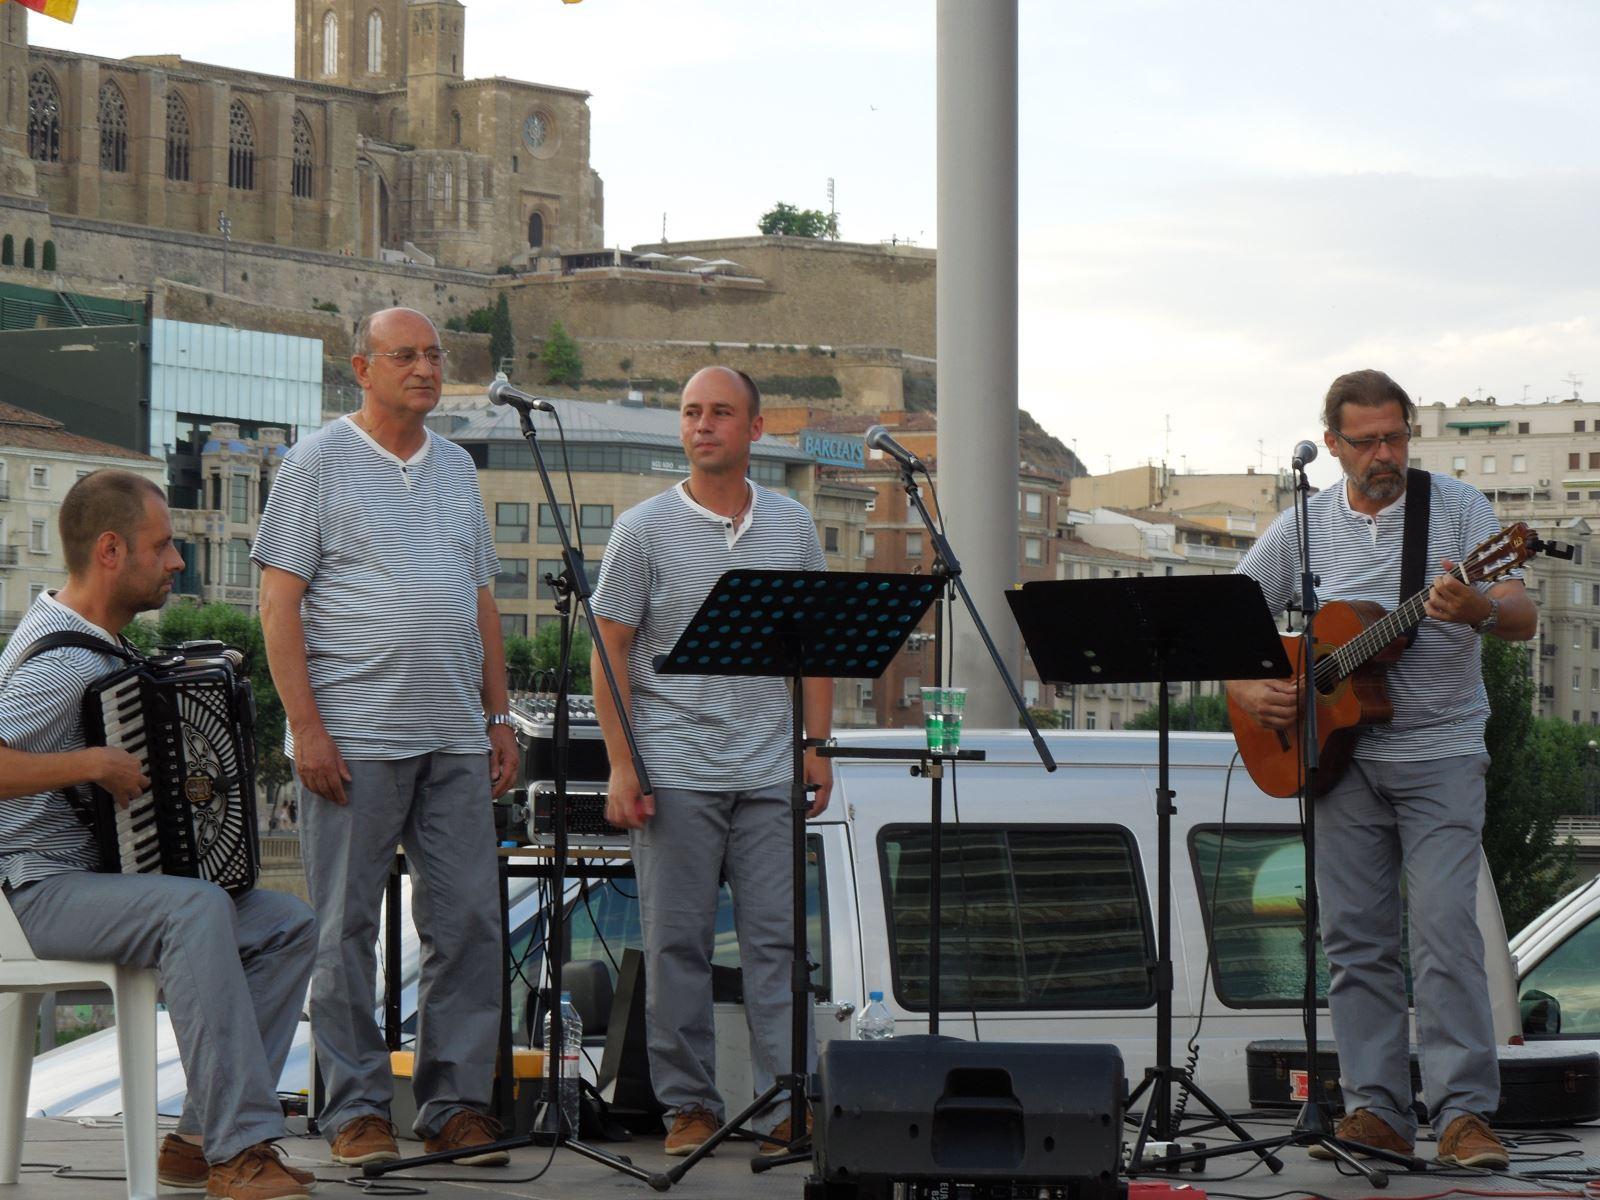 Propera actuació: 8 d'agost, XII Cantada d'Havaneres de la Costa Daurada. A Calafell.